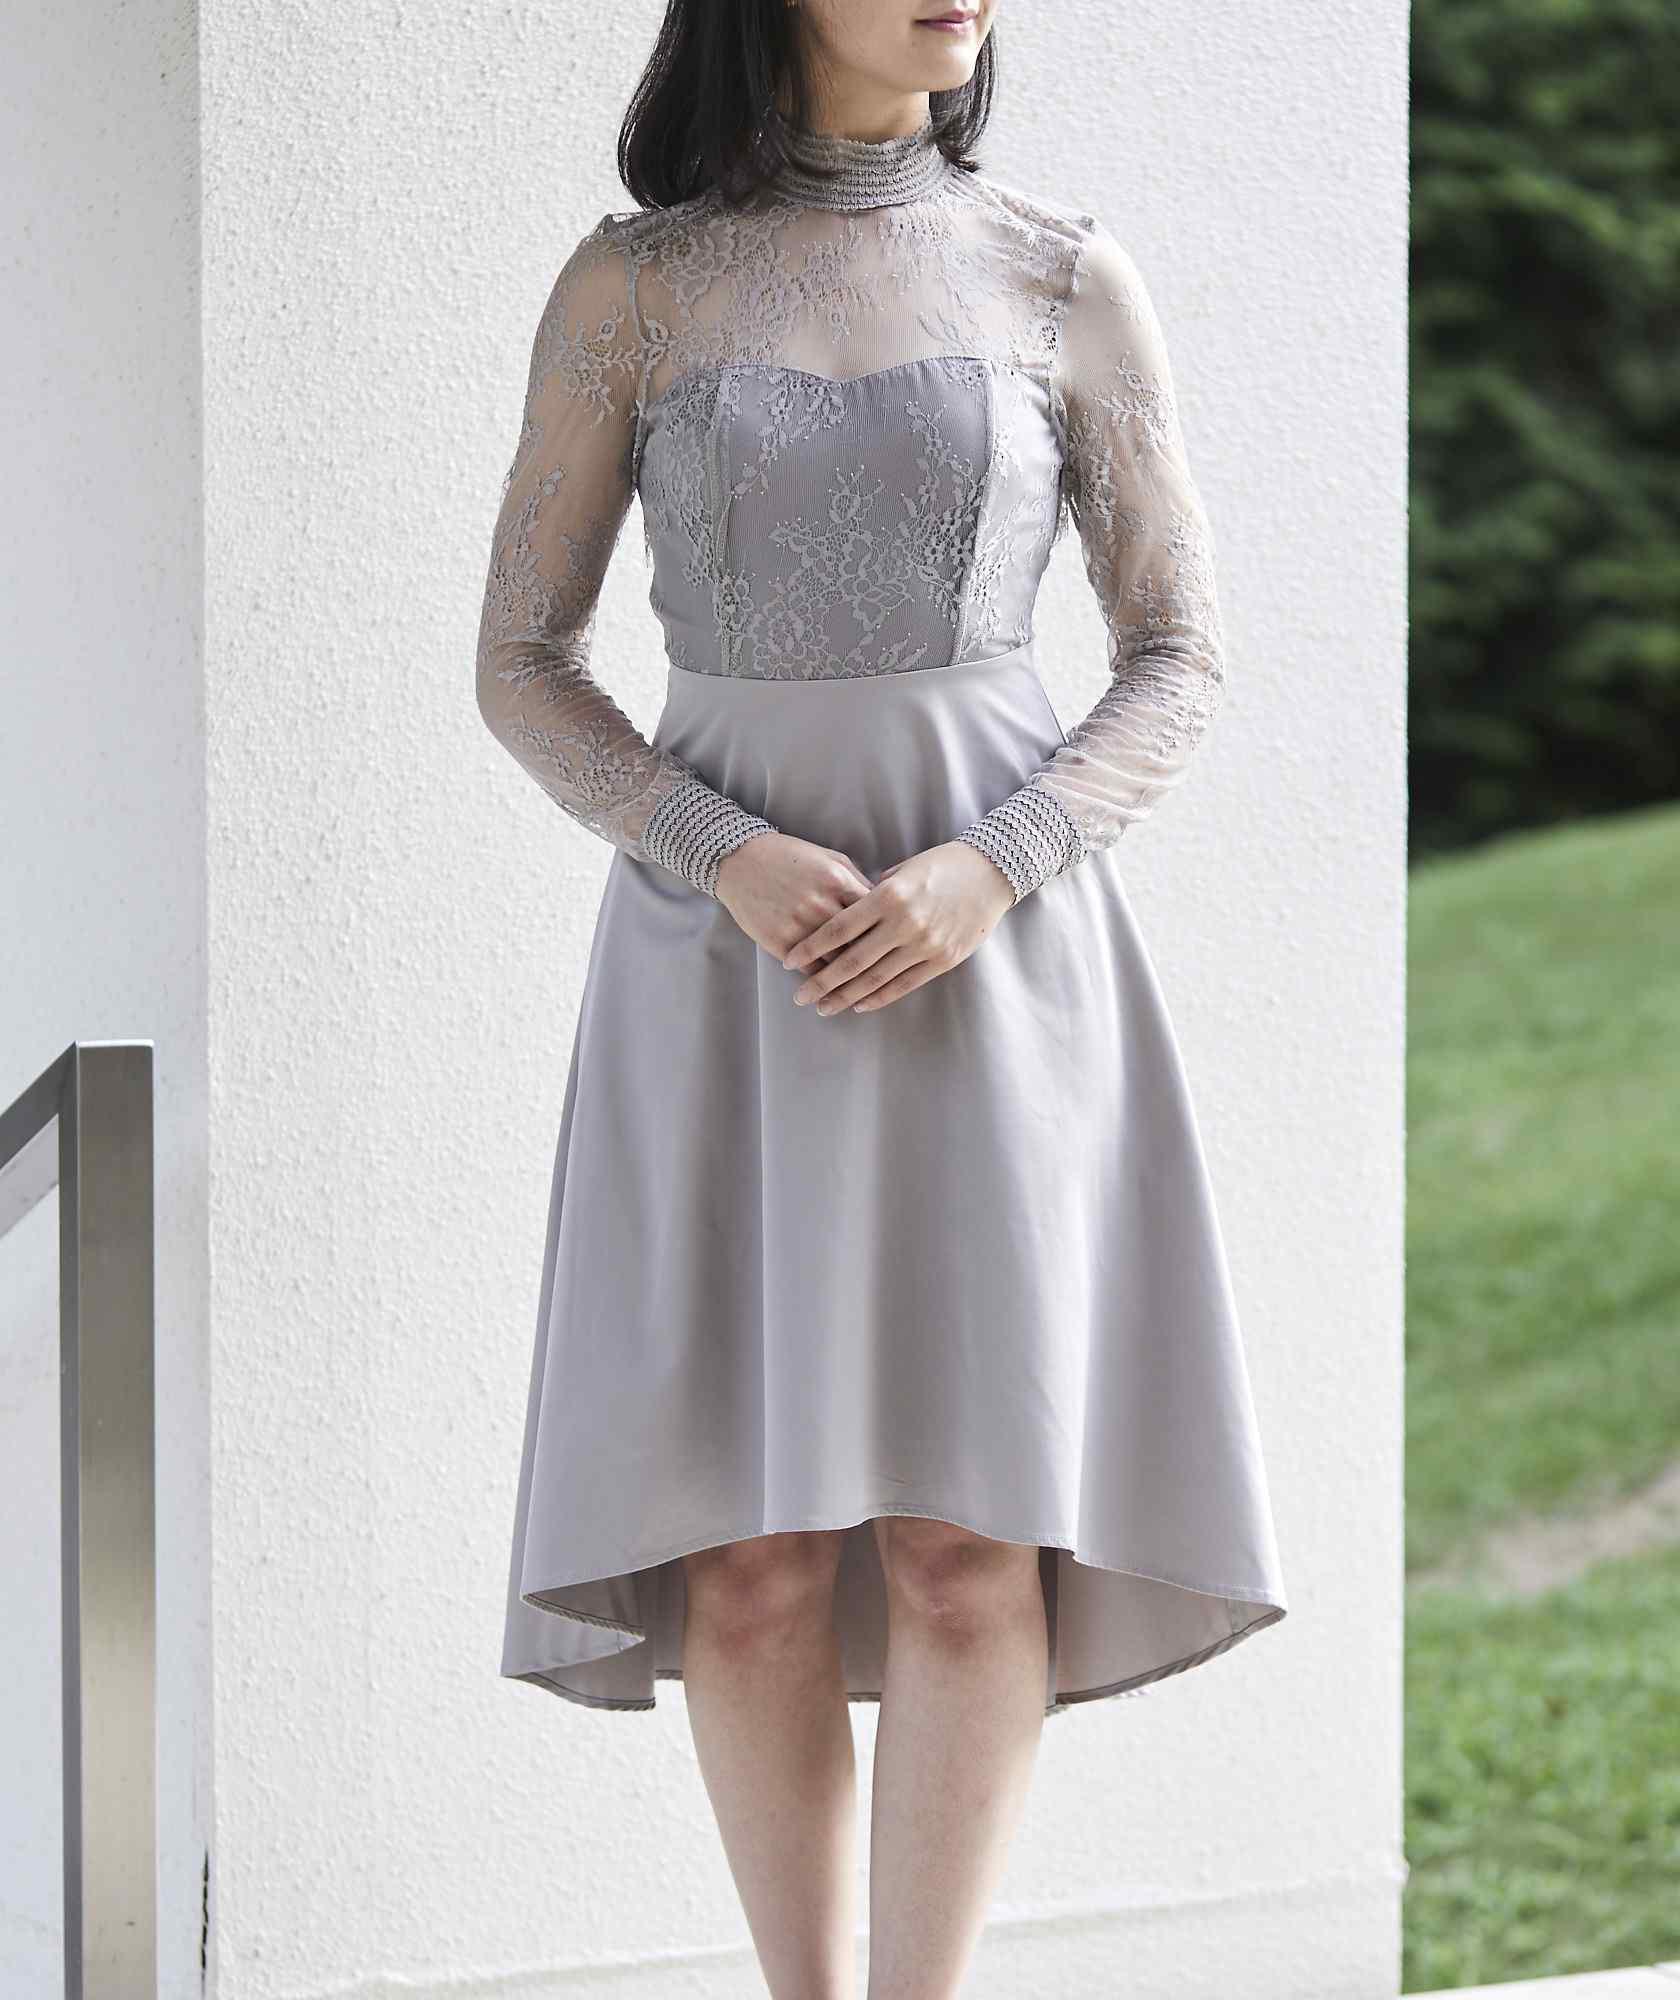 レースハイネックAラインショートドレス-グレー-M